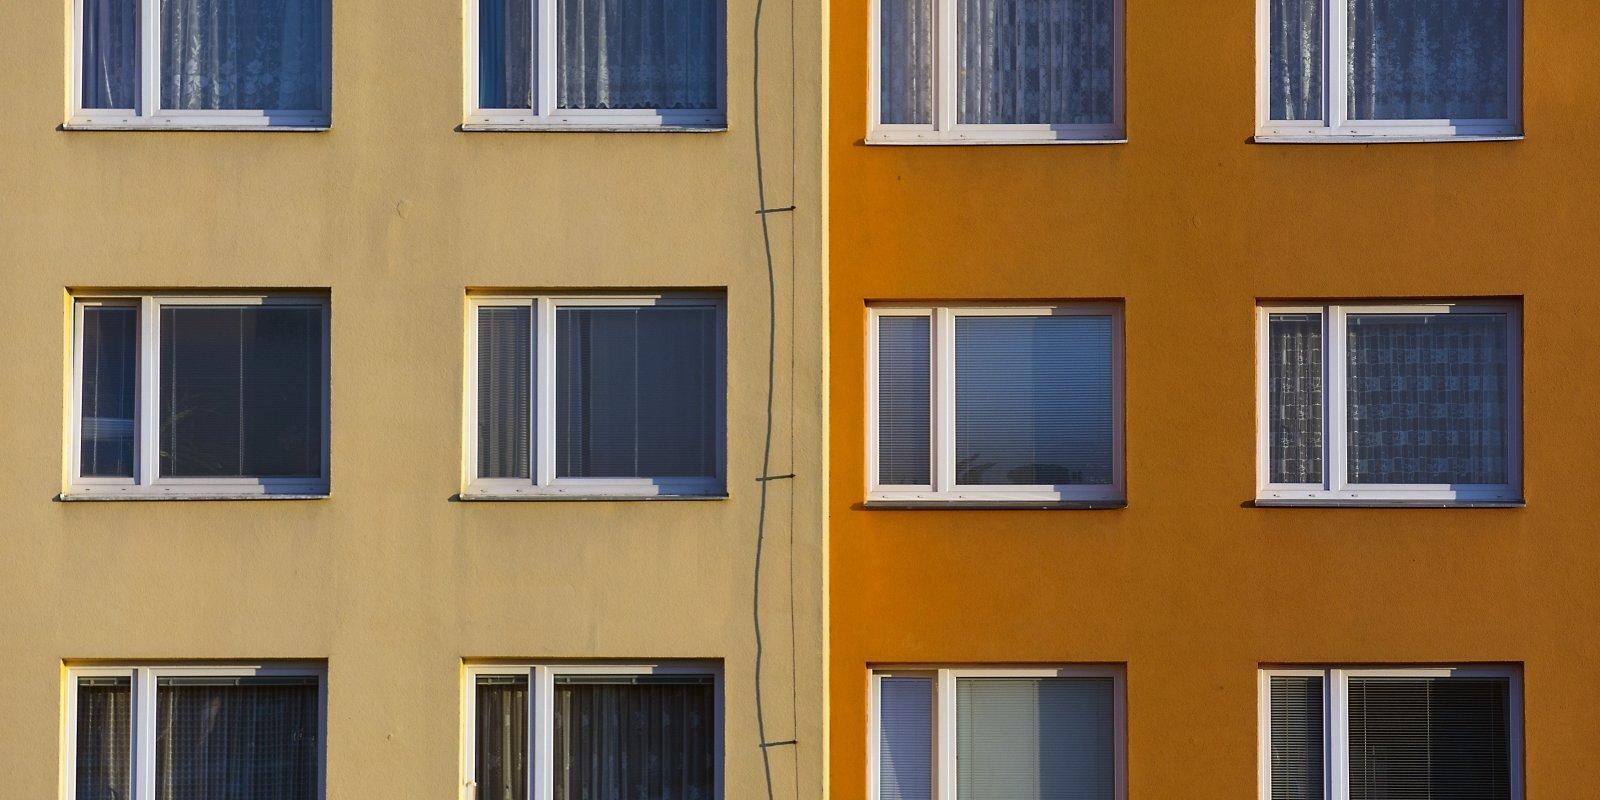 Nelabs dzīvoklis? Deviņas pazīmes, kas liecina – īpašumu labāk neiegādāties